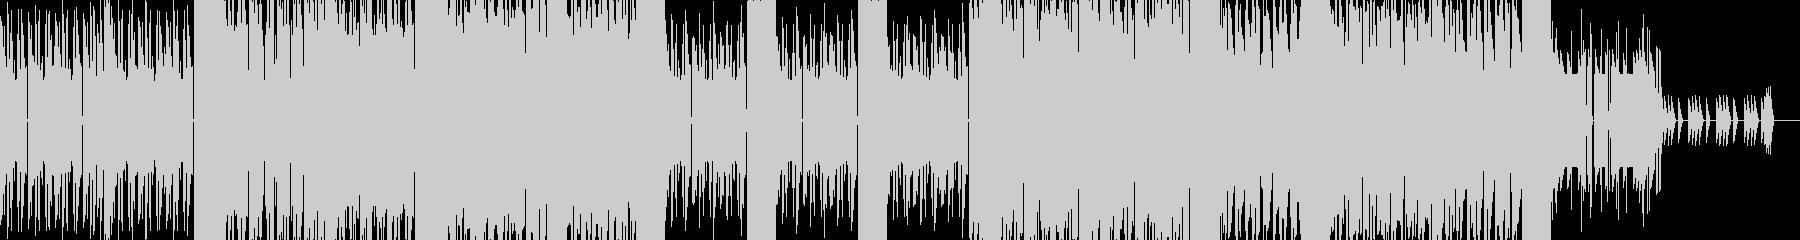 ポップなダンス風8bitチップチューンの未再生の波形